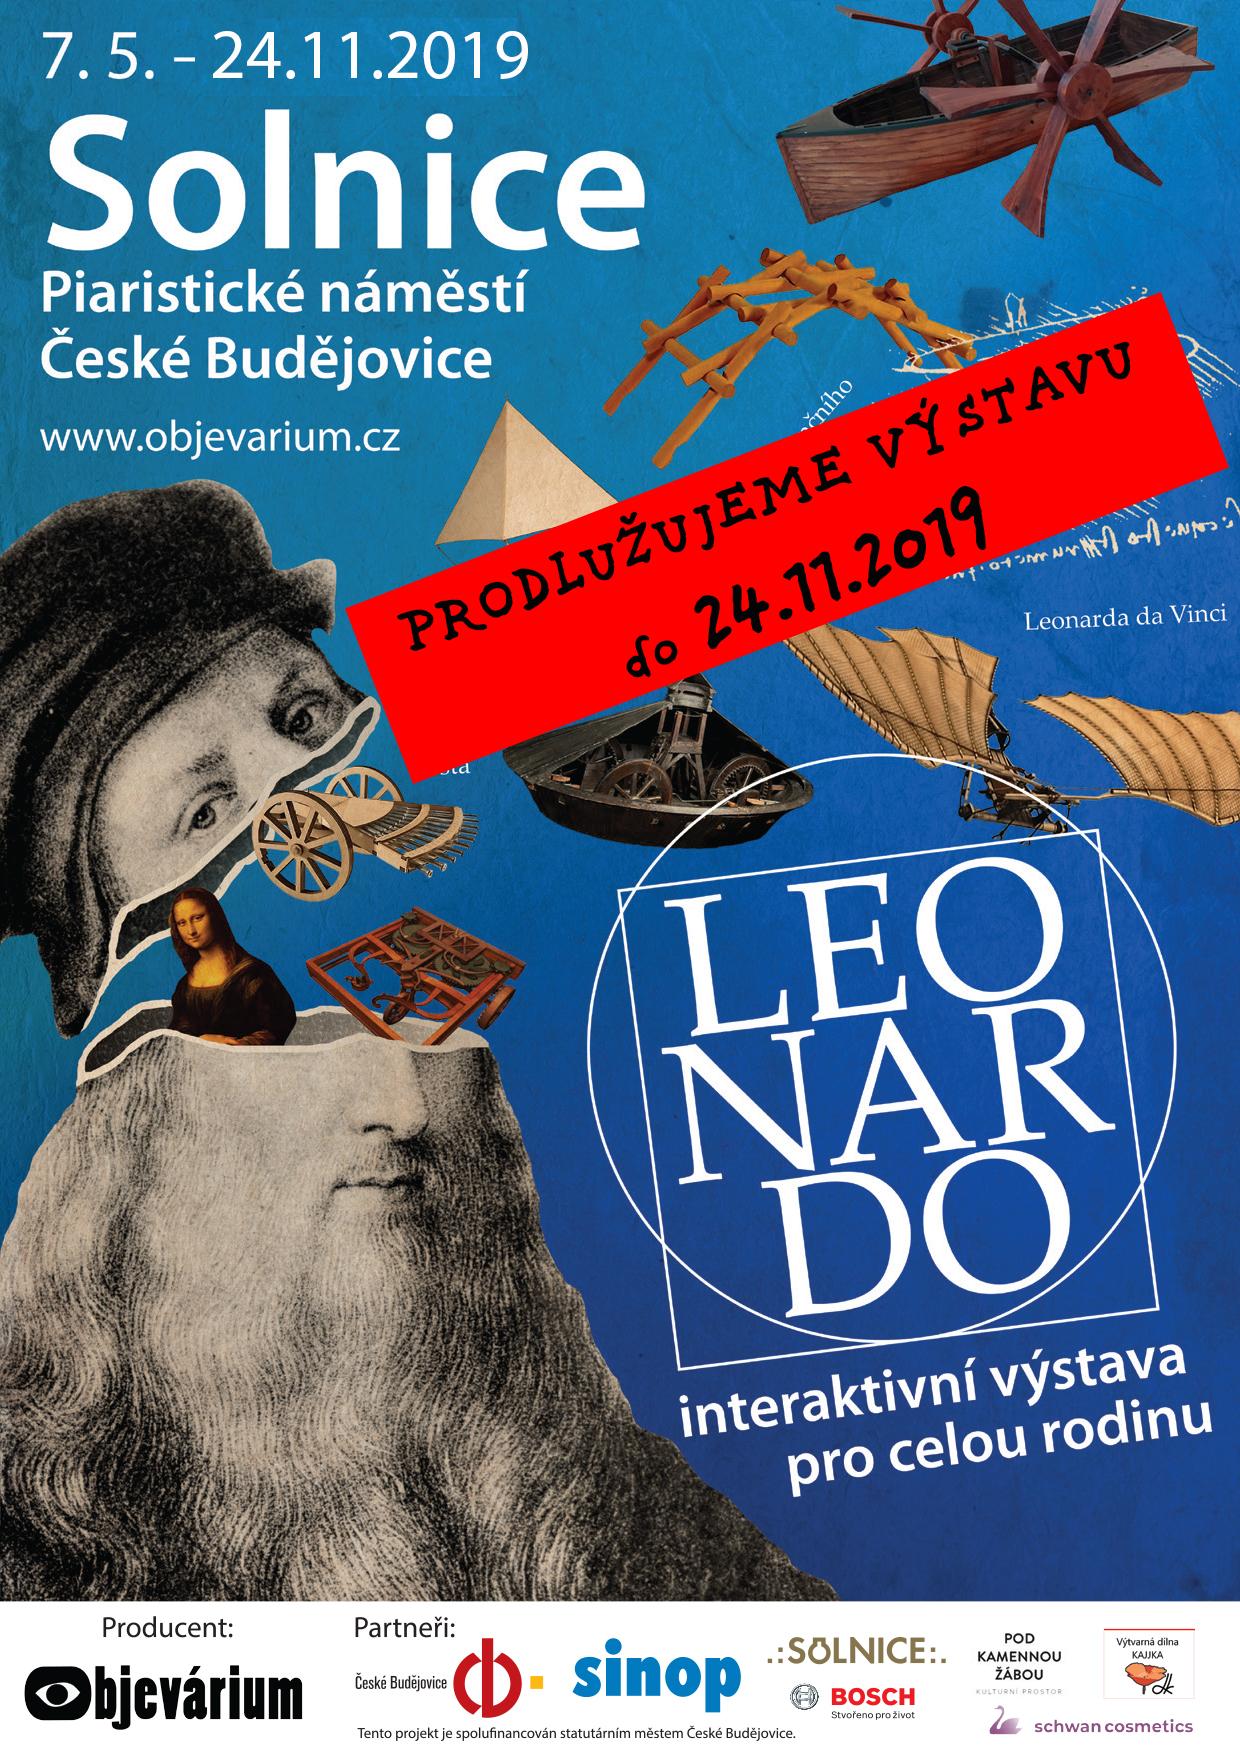 Leonardo da Vinci v Českých Budějovicích.  Pro velký úspěch PRODLUŽUJEME interaktivní expozici LEONARDO.